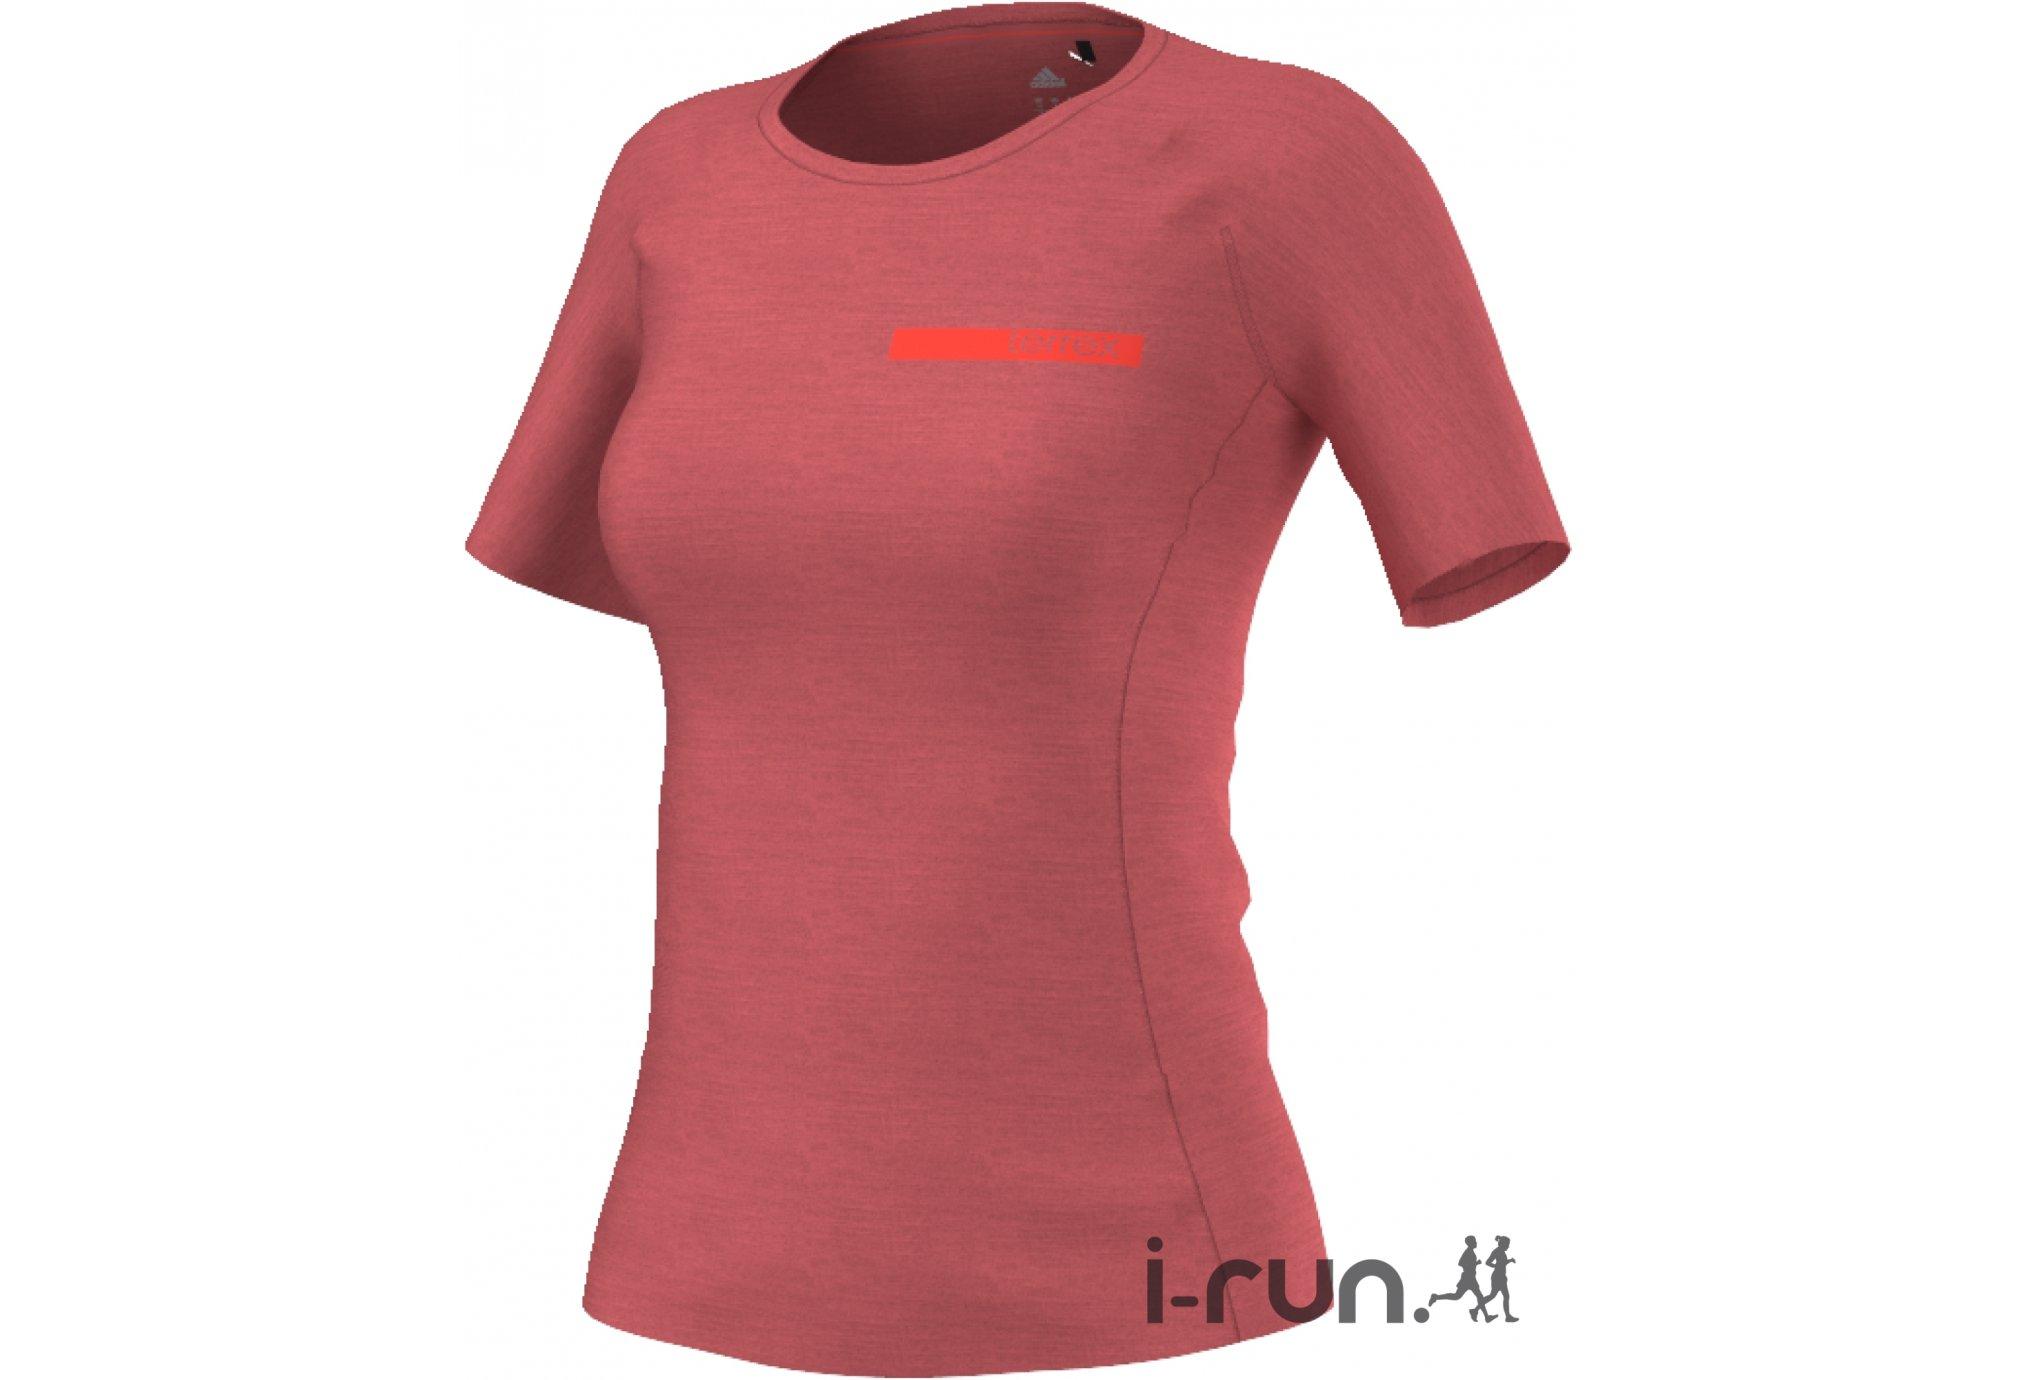 adidas Tee-Shirt Terrex Agravic W vêtement running femme